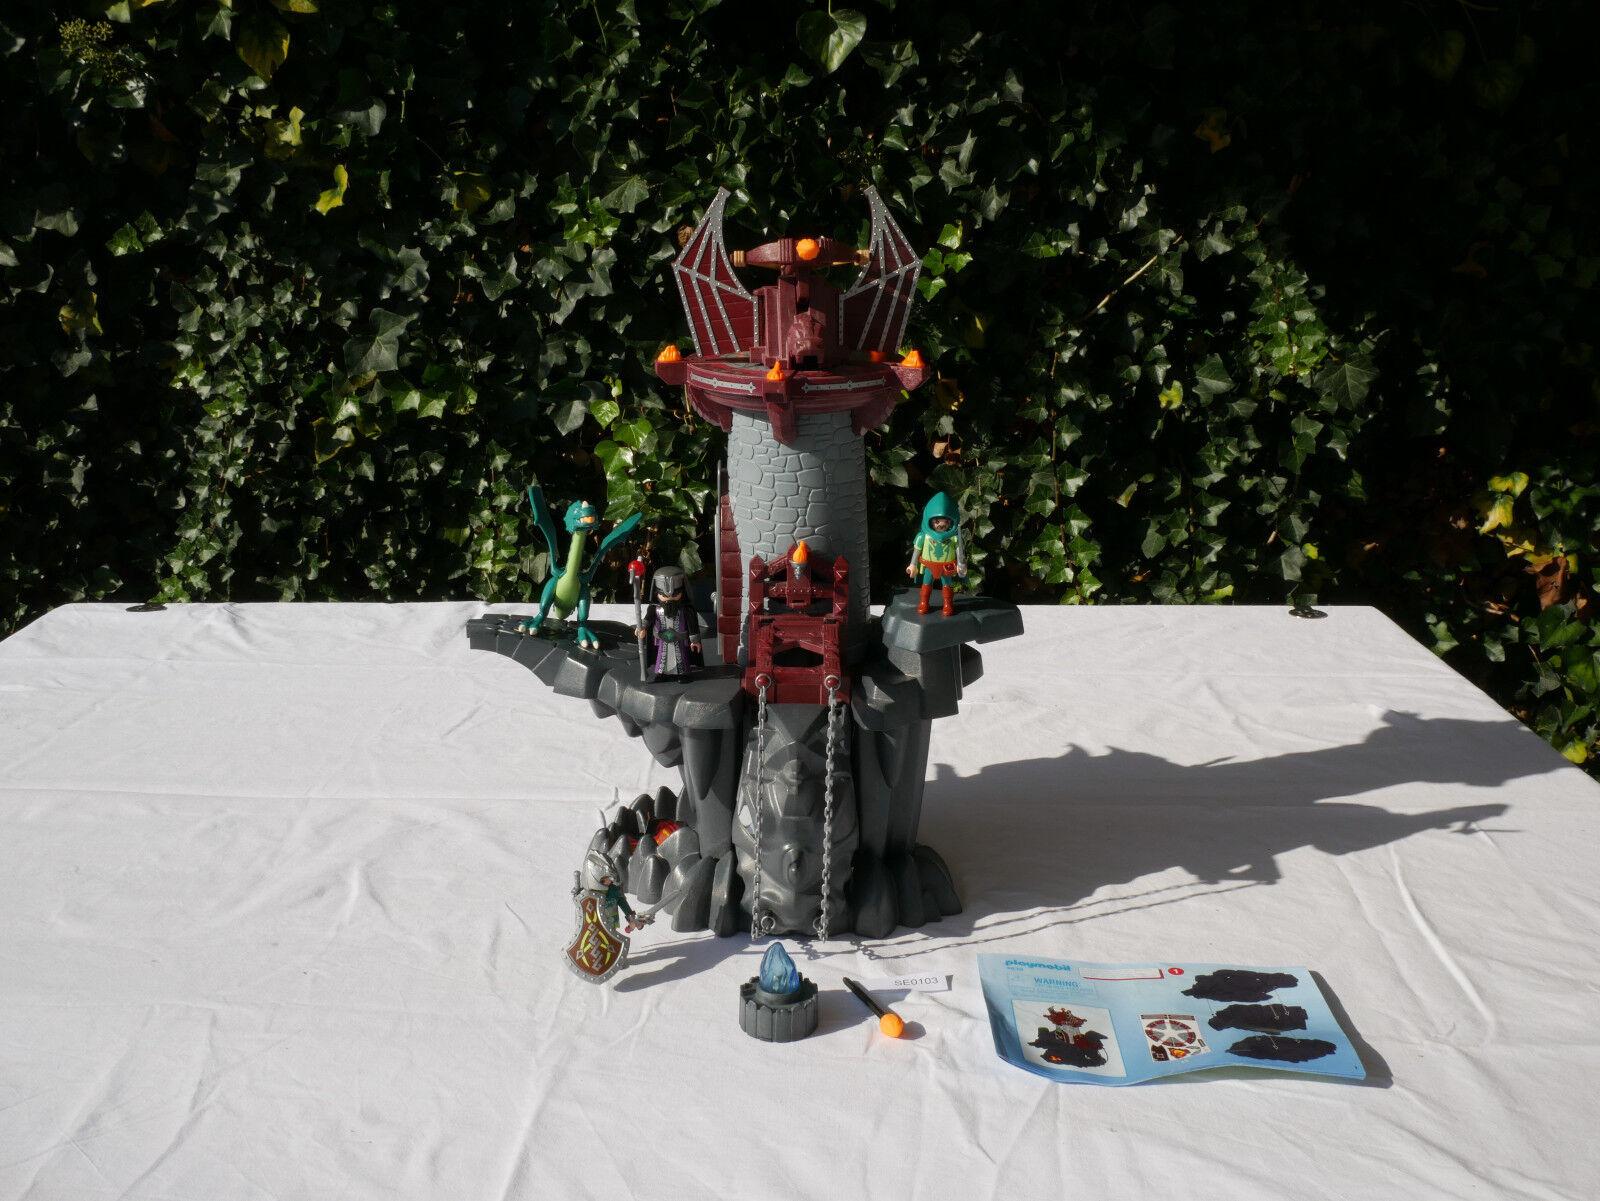 (SE0103) Playmobil 4836 Drachenturm mit Drache, Drachenrittern, Drachenlicht  | Up-to-date Styling